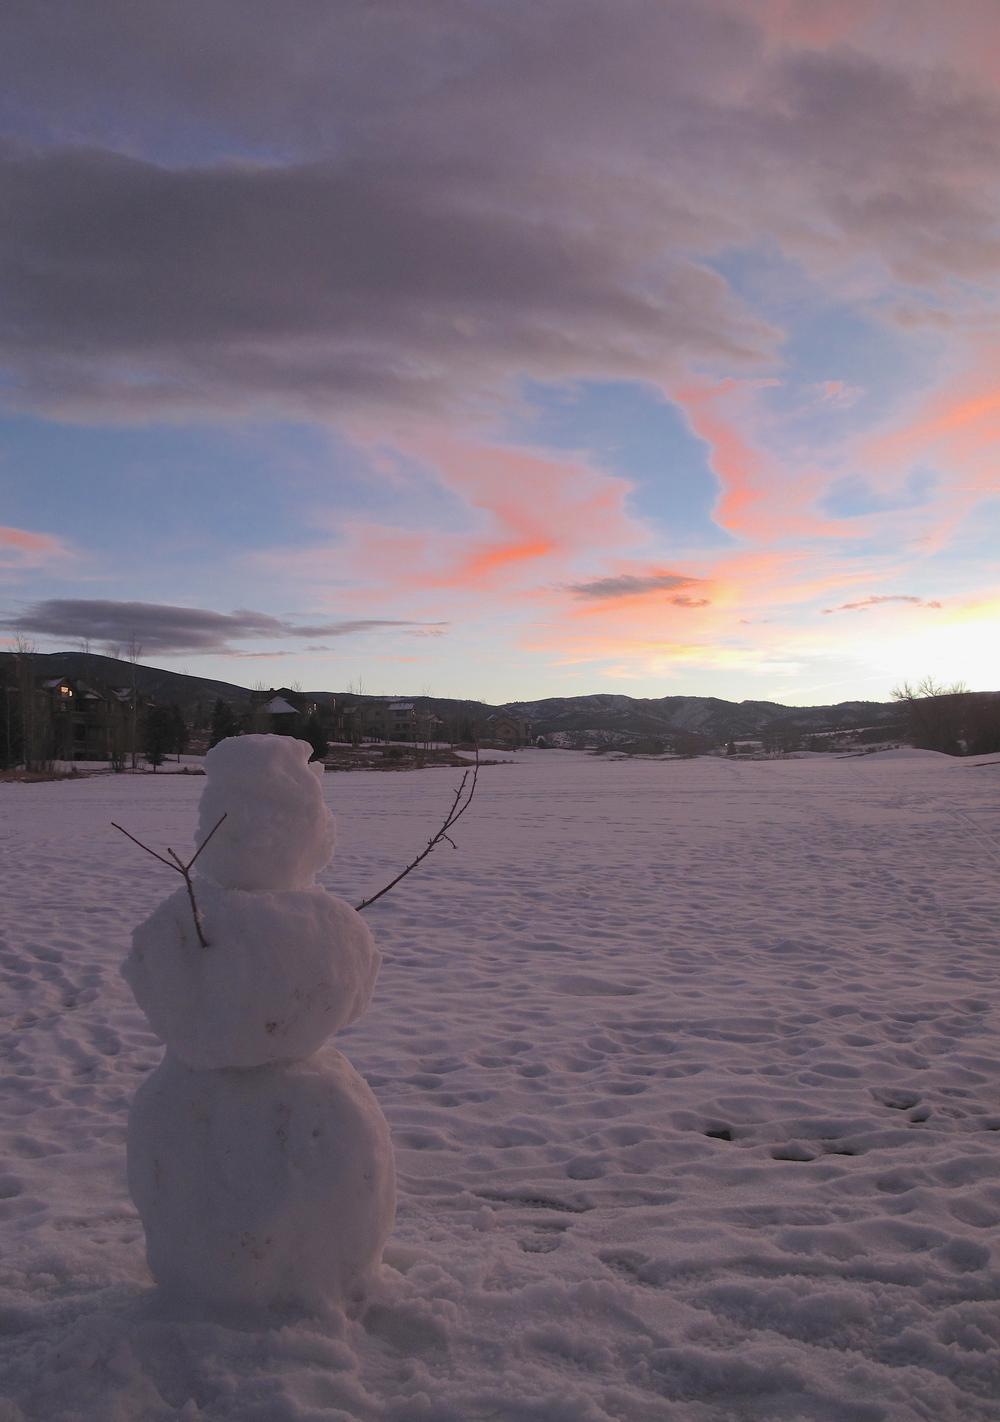 A snowman under a sunset.